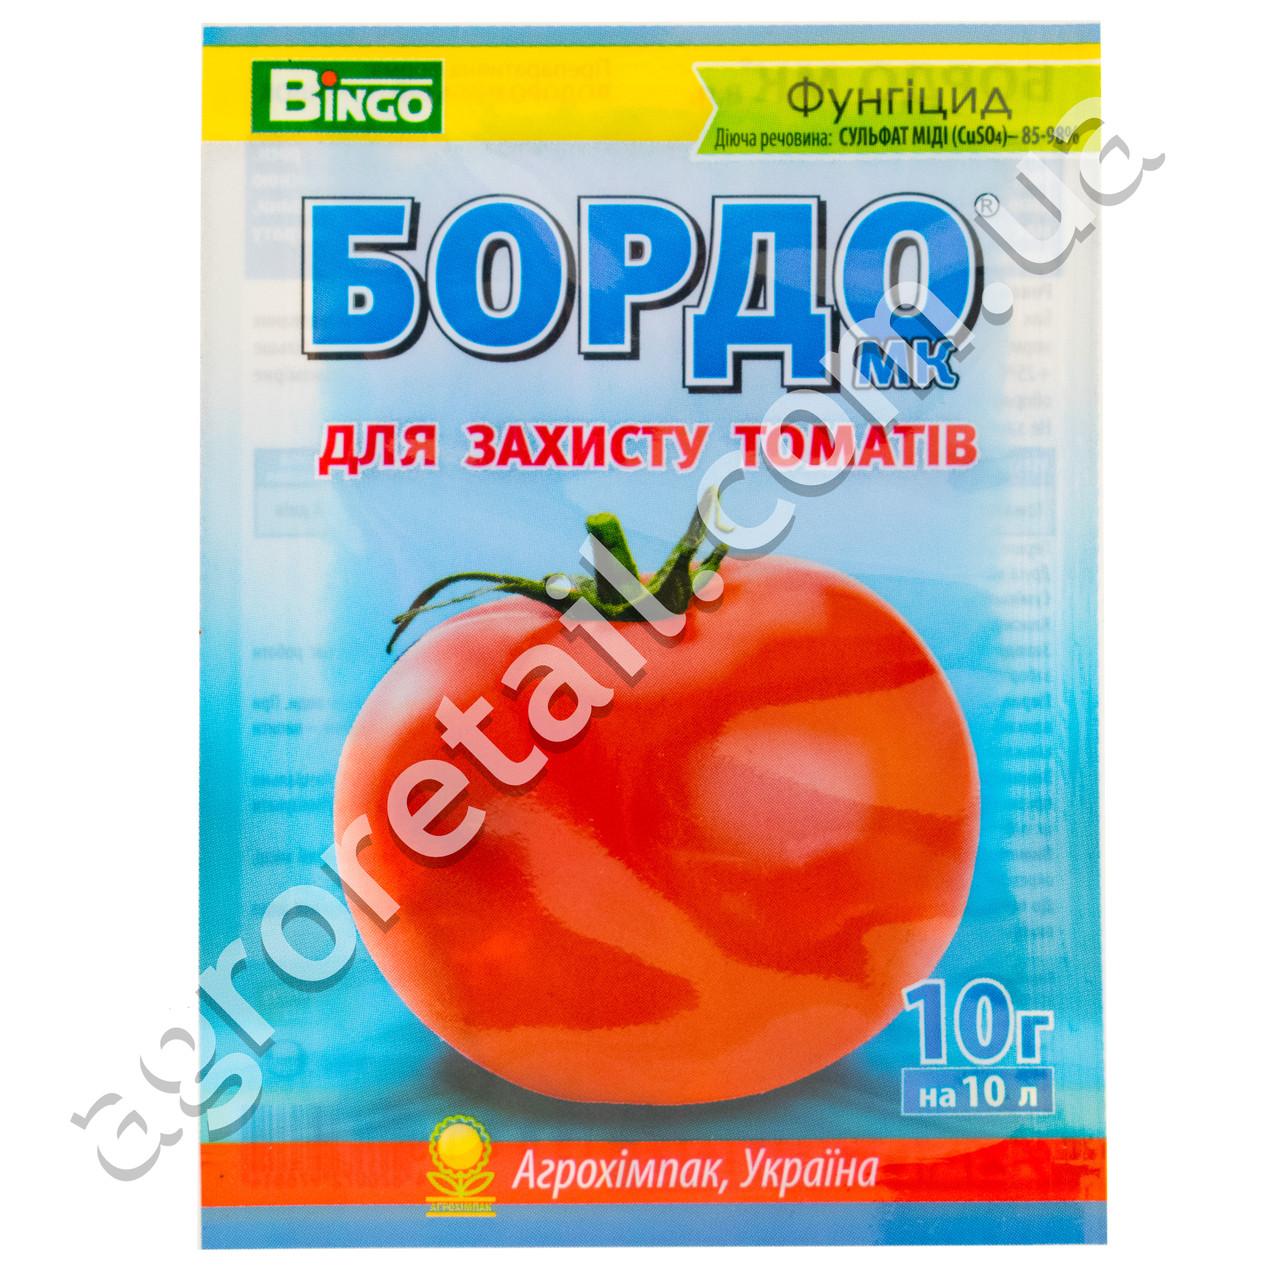 Фунгицид Бордо МК для защиты томатов 10 г Bingo